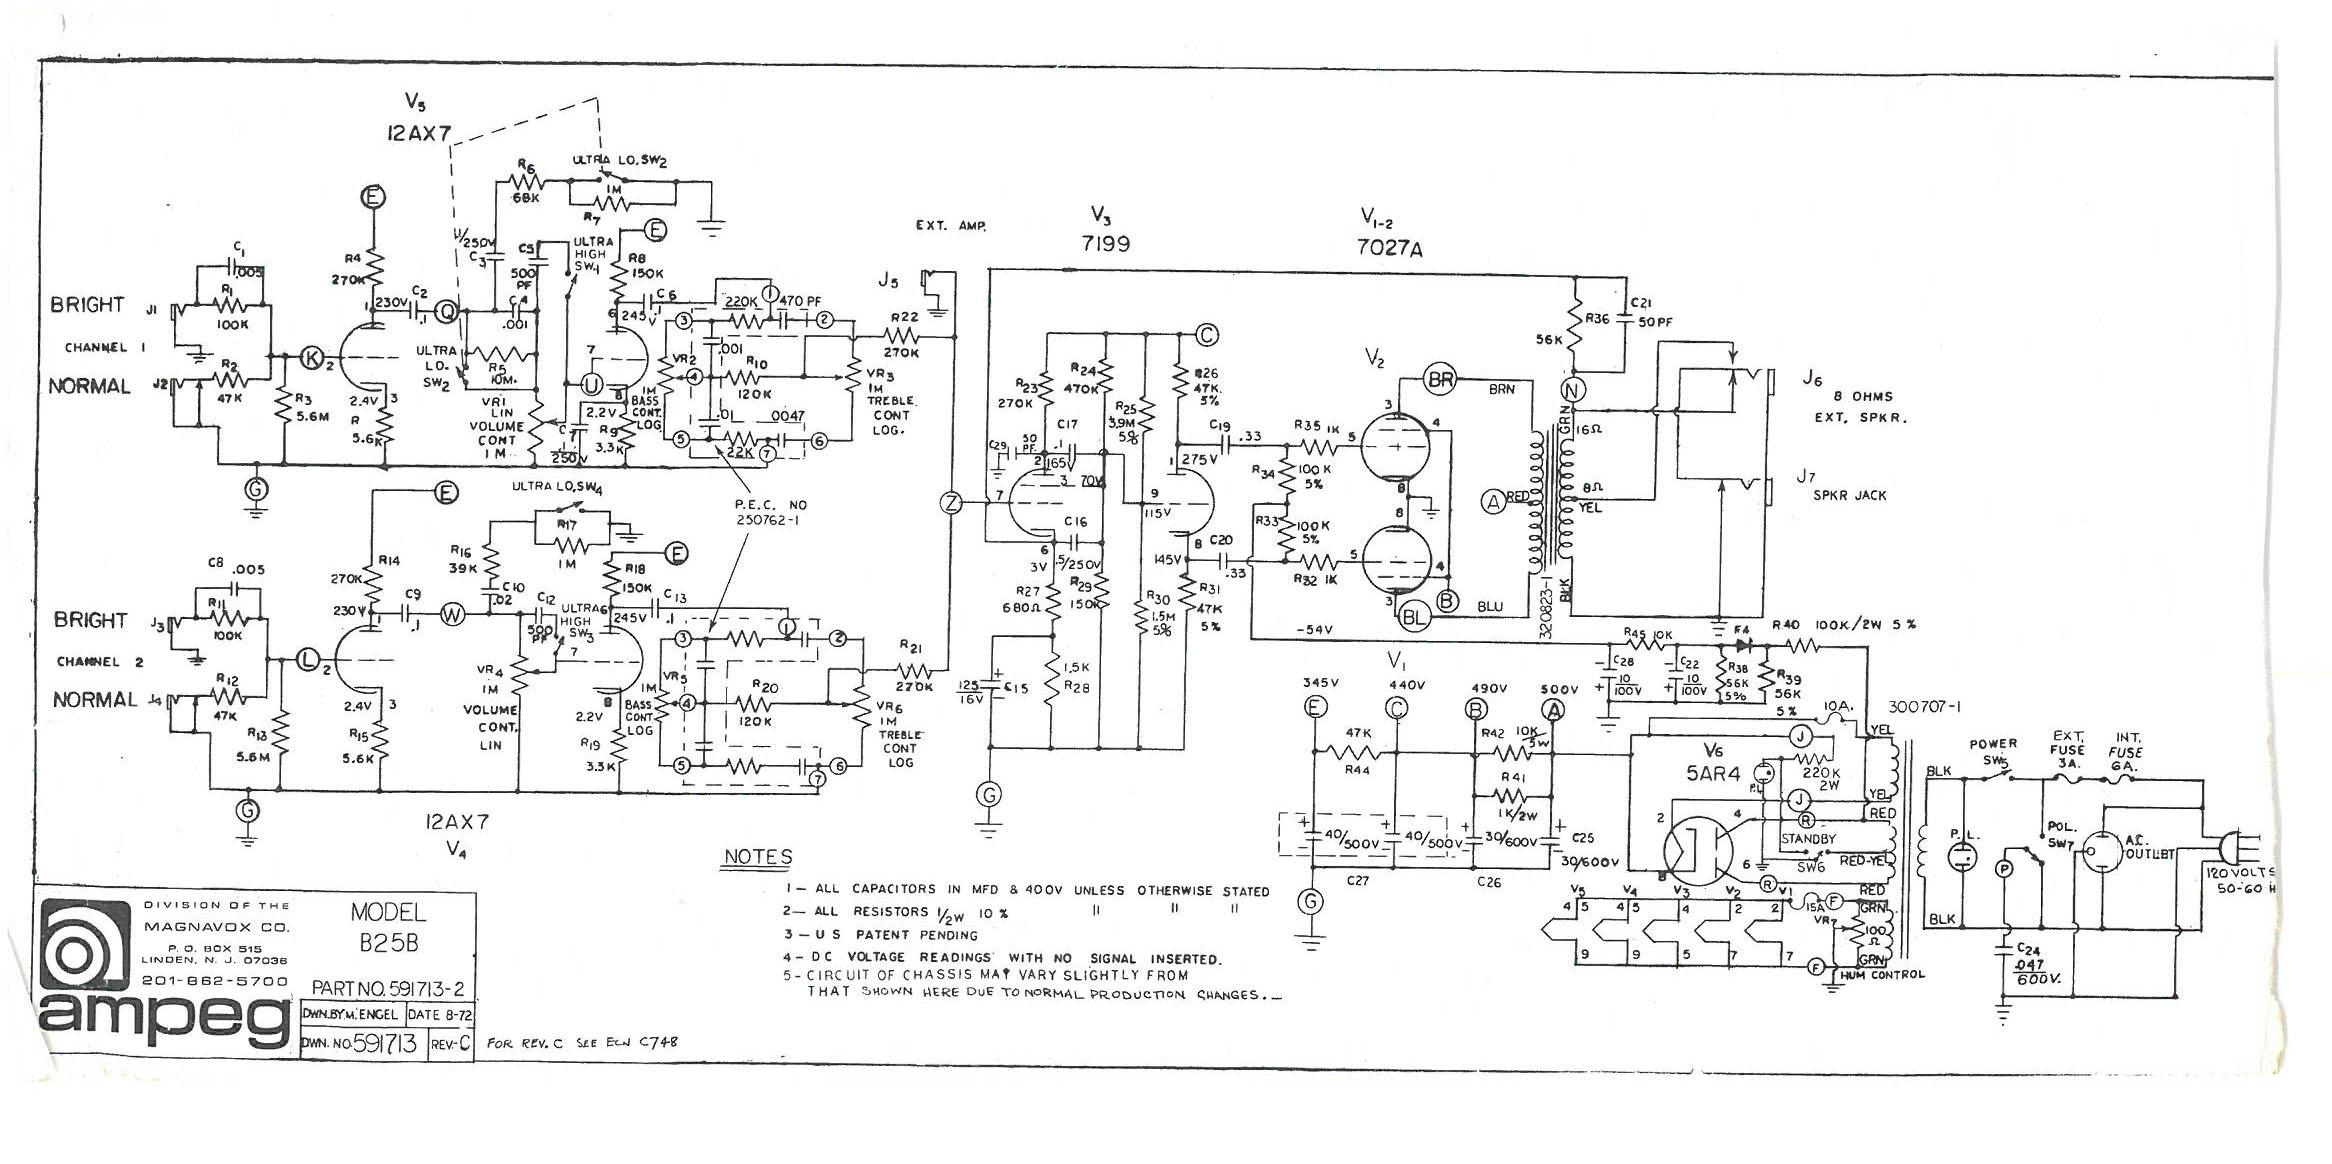 Vintage ampeg schematics